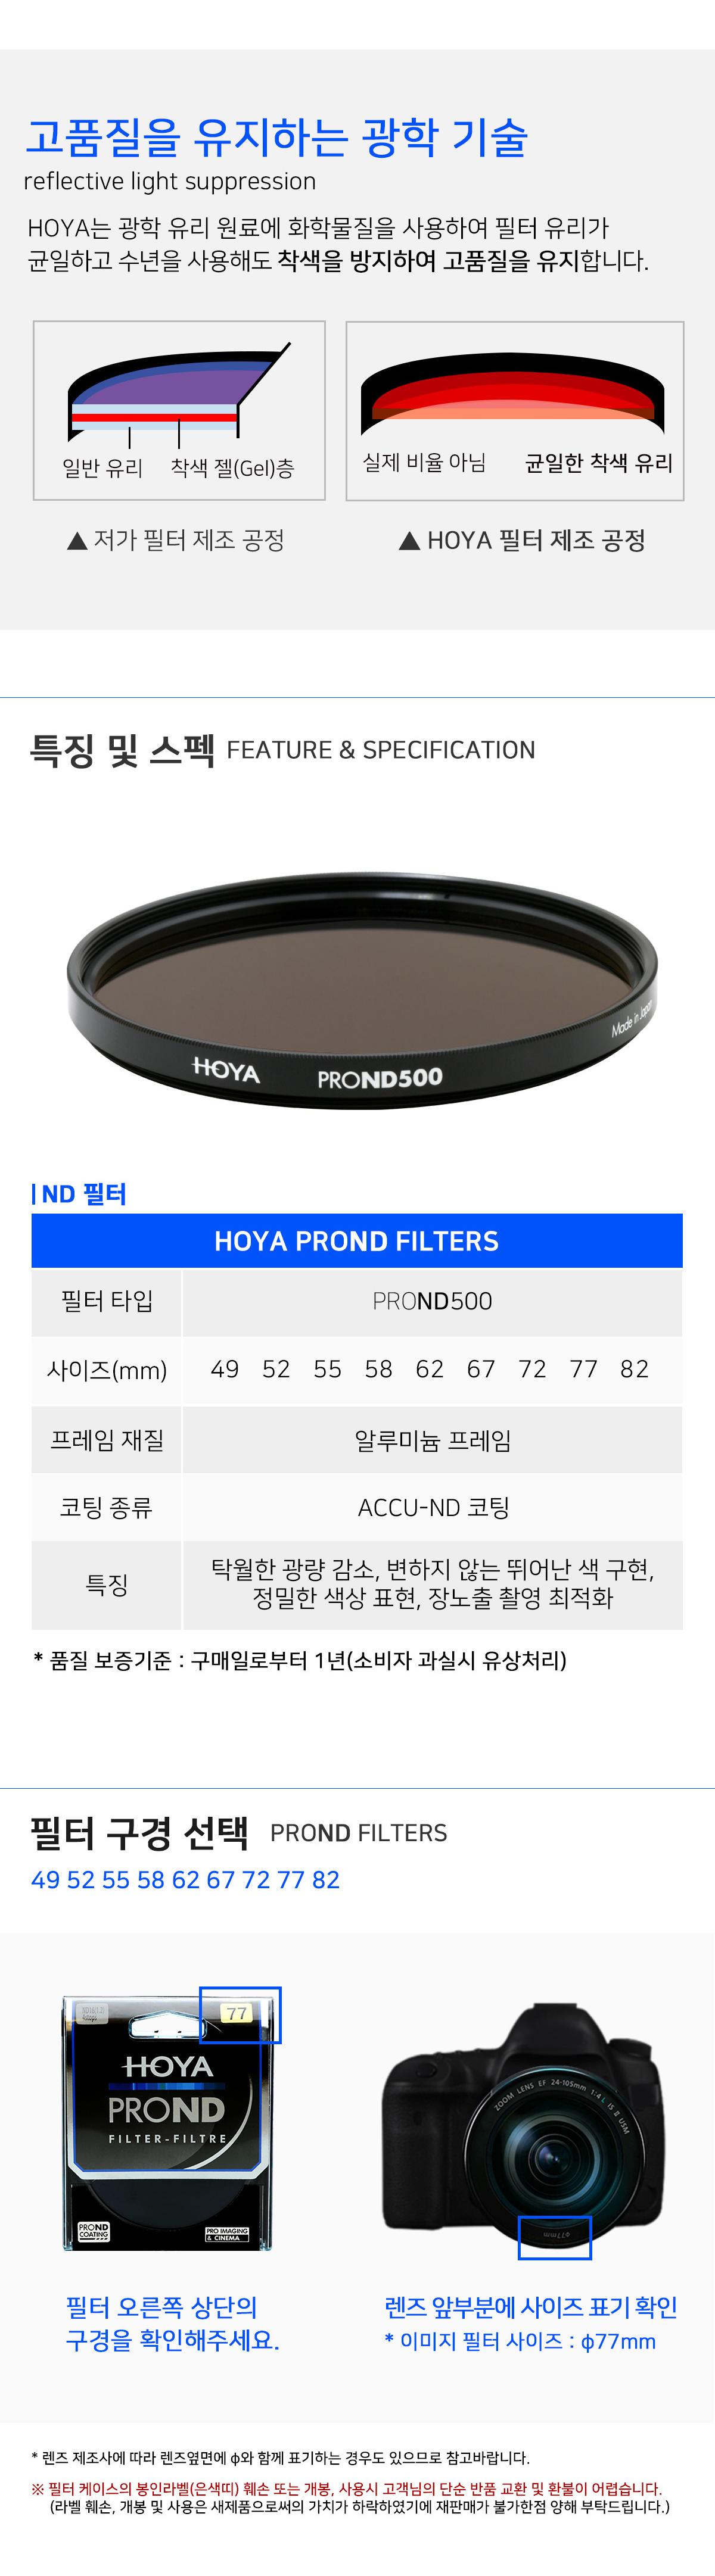 PROND500_05.jpg